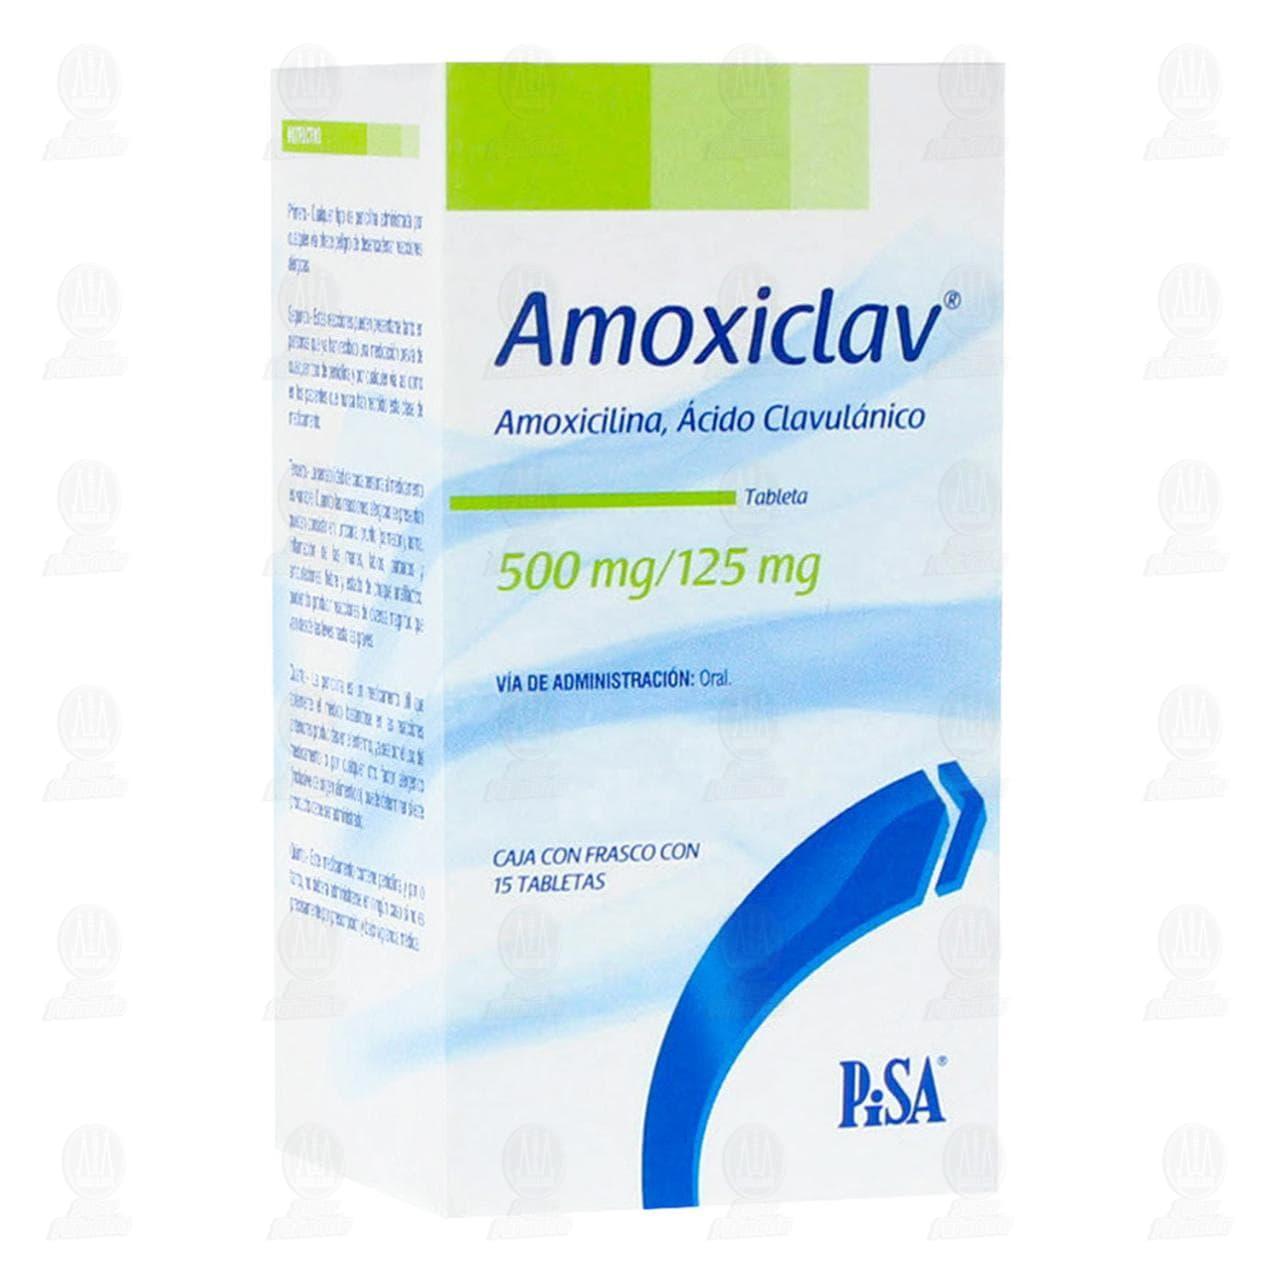 Comprar Amoxiclav 500mg/125mg 15 Tabletas en Farmacias Guadalajara